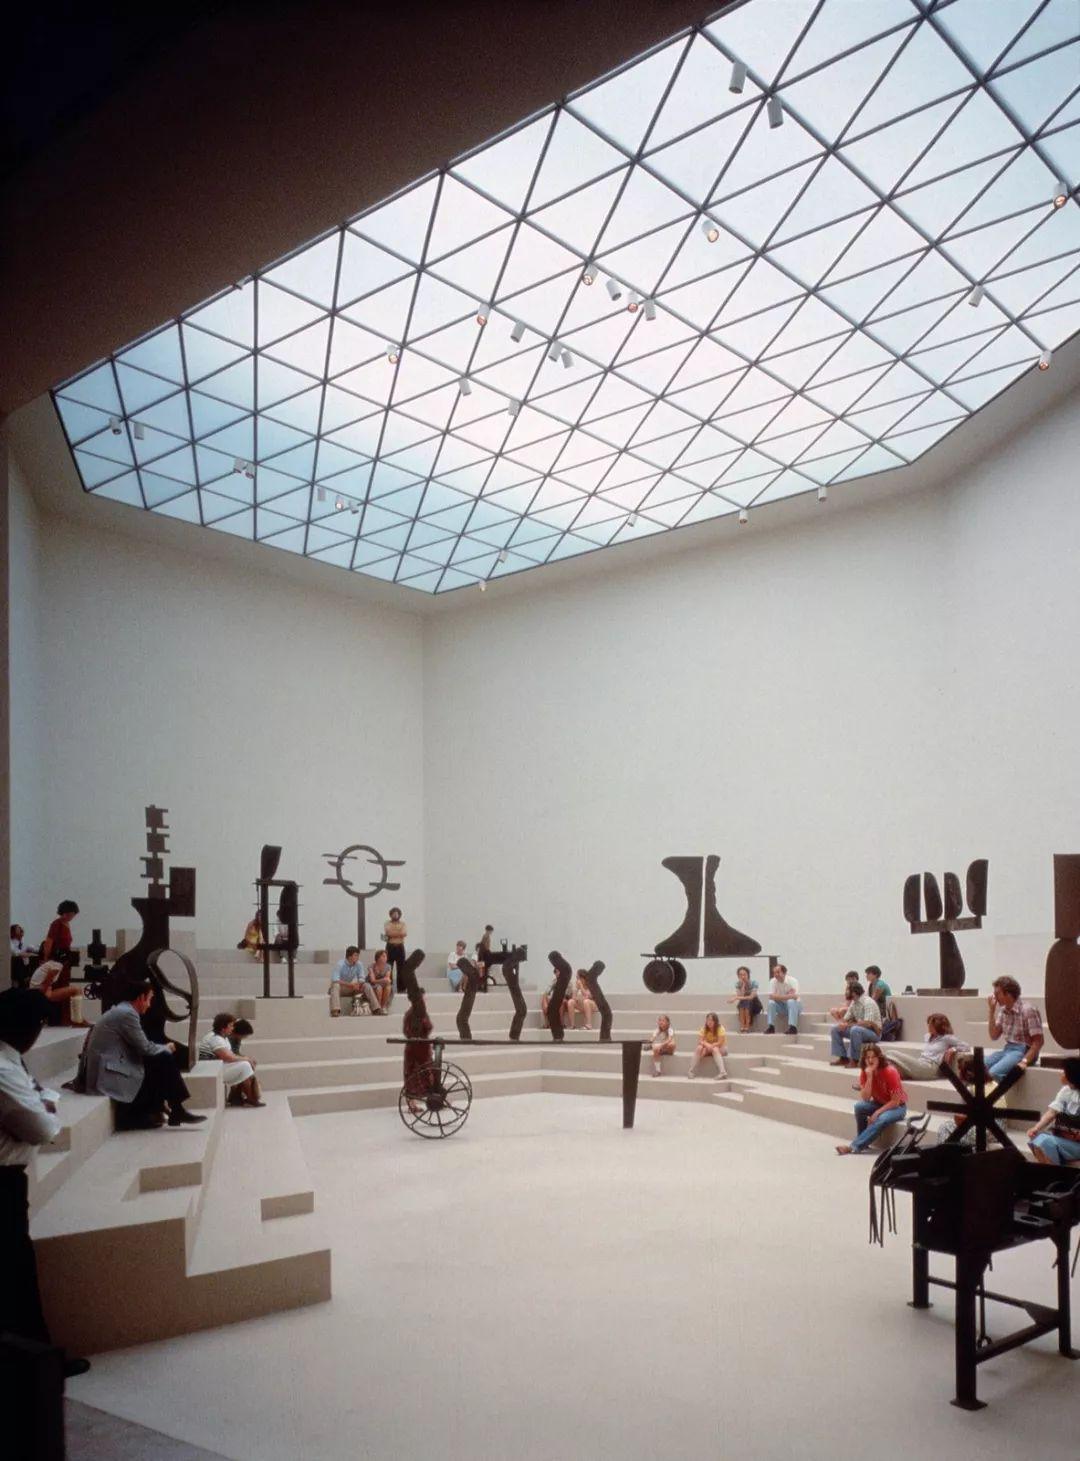 致敬贝聿铭:世界上最会用「三角形」的建筑大师_23